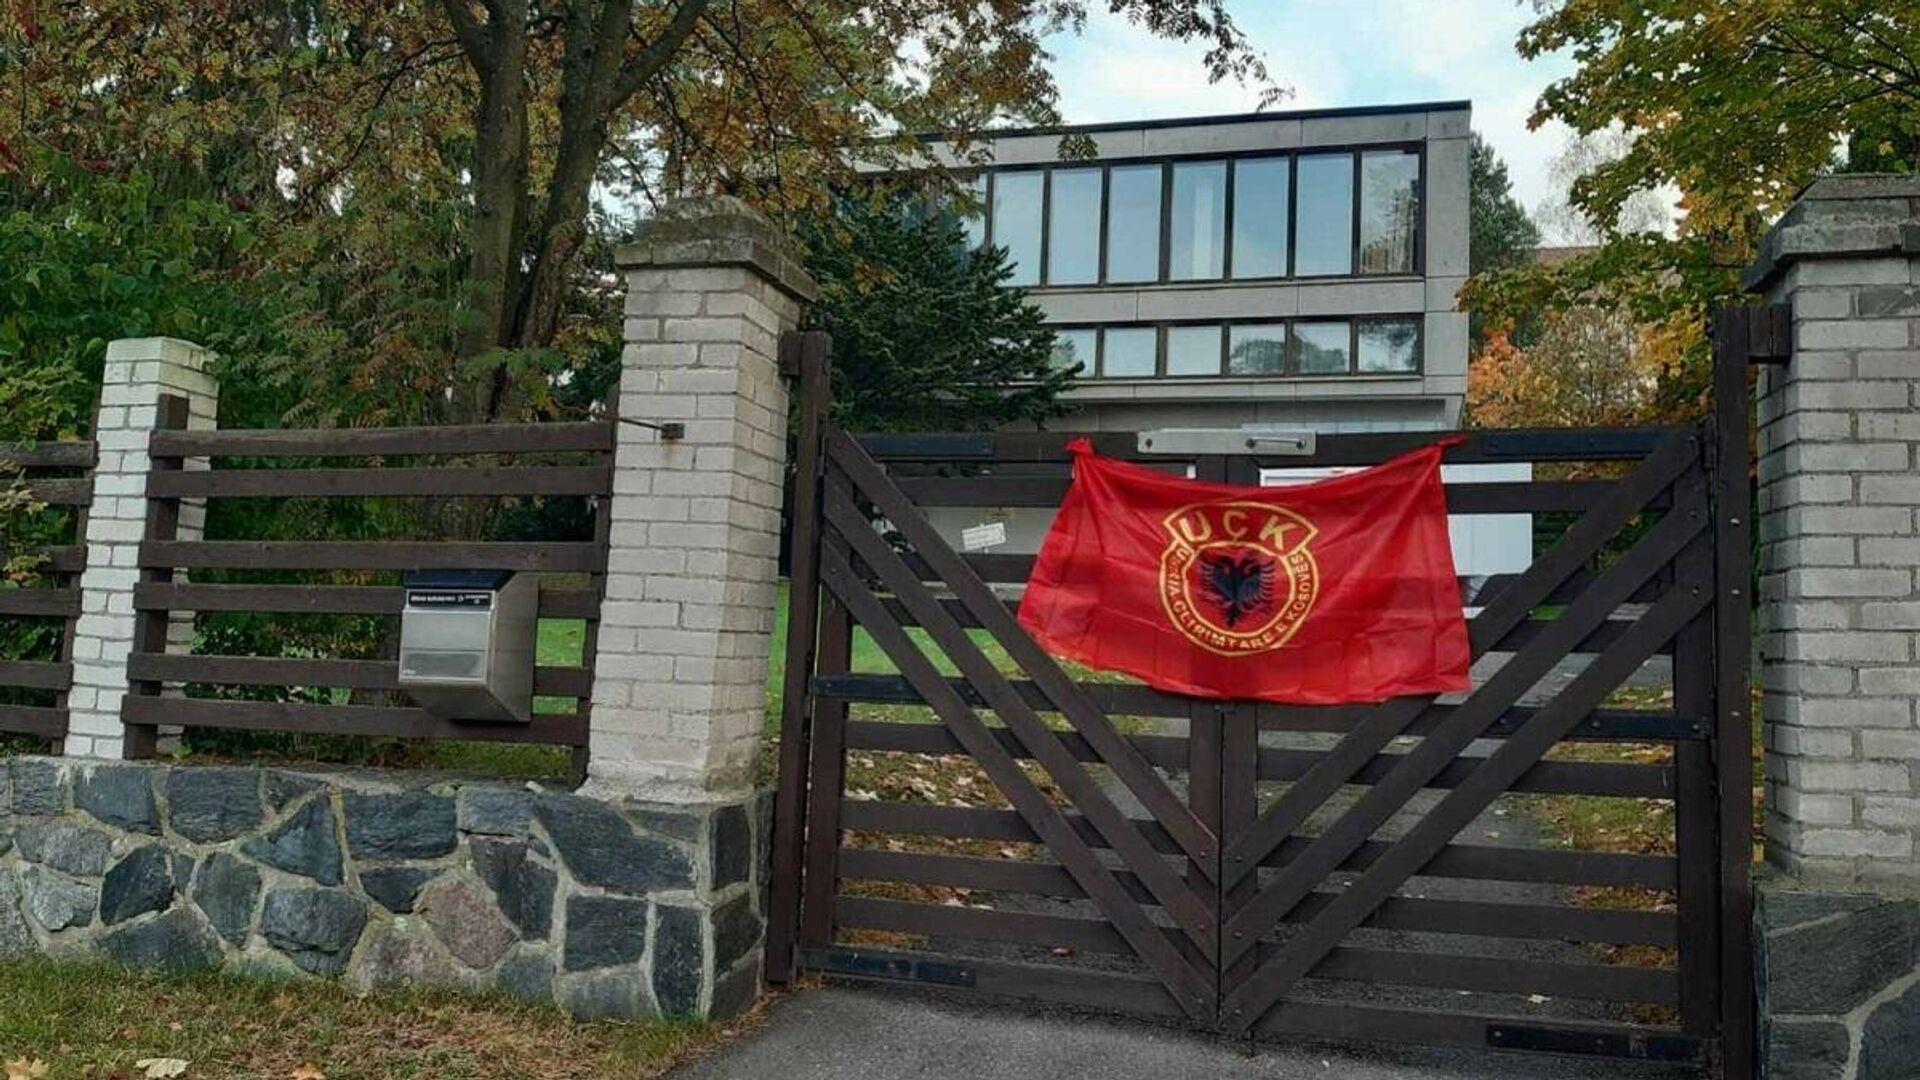 Zastava OVK na ogradi dvorišta ambasade Srbije u Helskinkiju - Sputnik Srbija, 1920, 28.09.2021